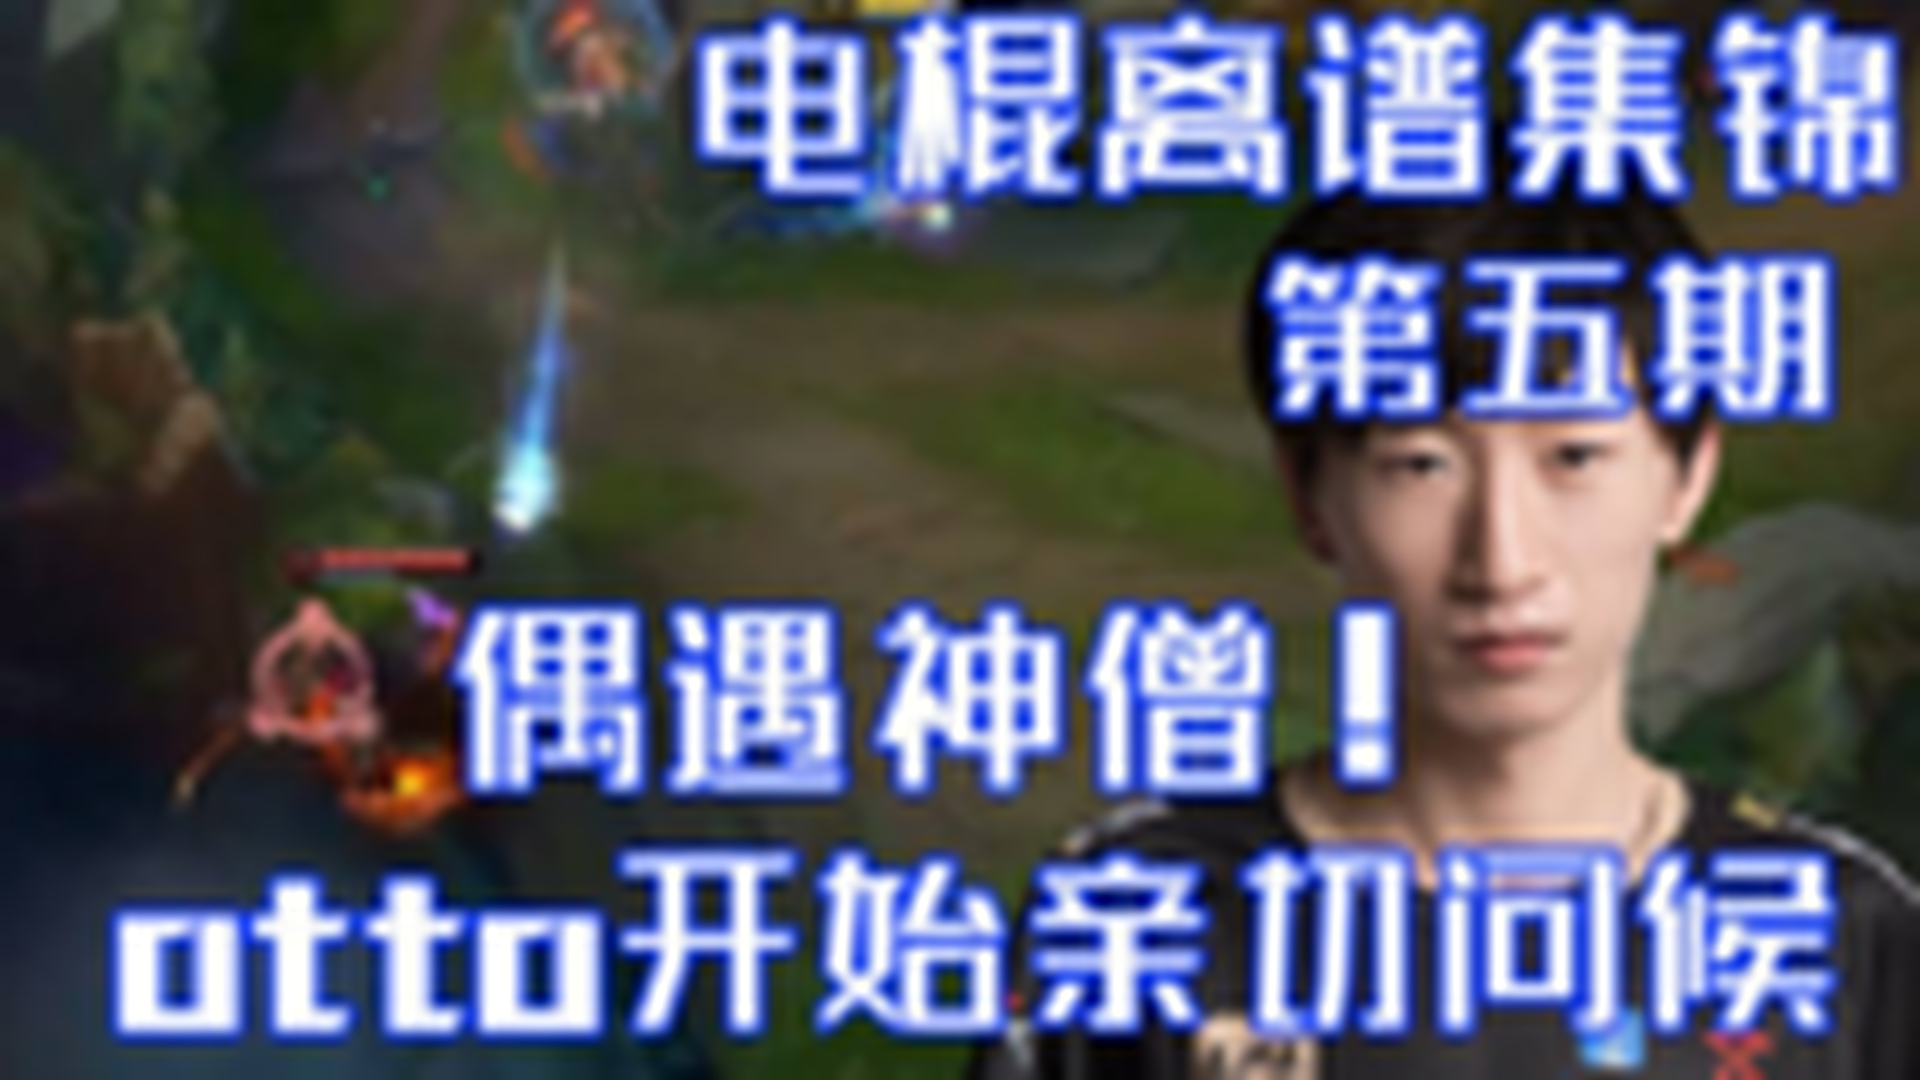 【电棍离谱对战集锦】05:排位遇到神僧!峡谷有这人才?